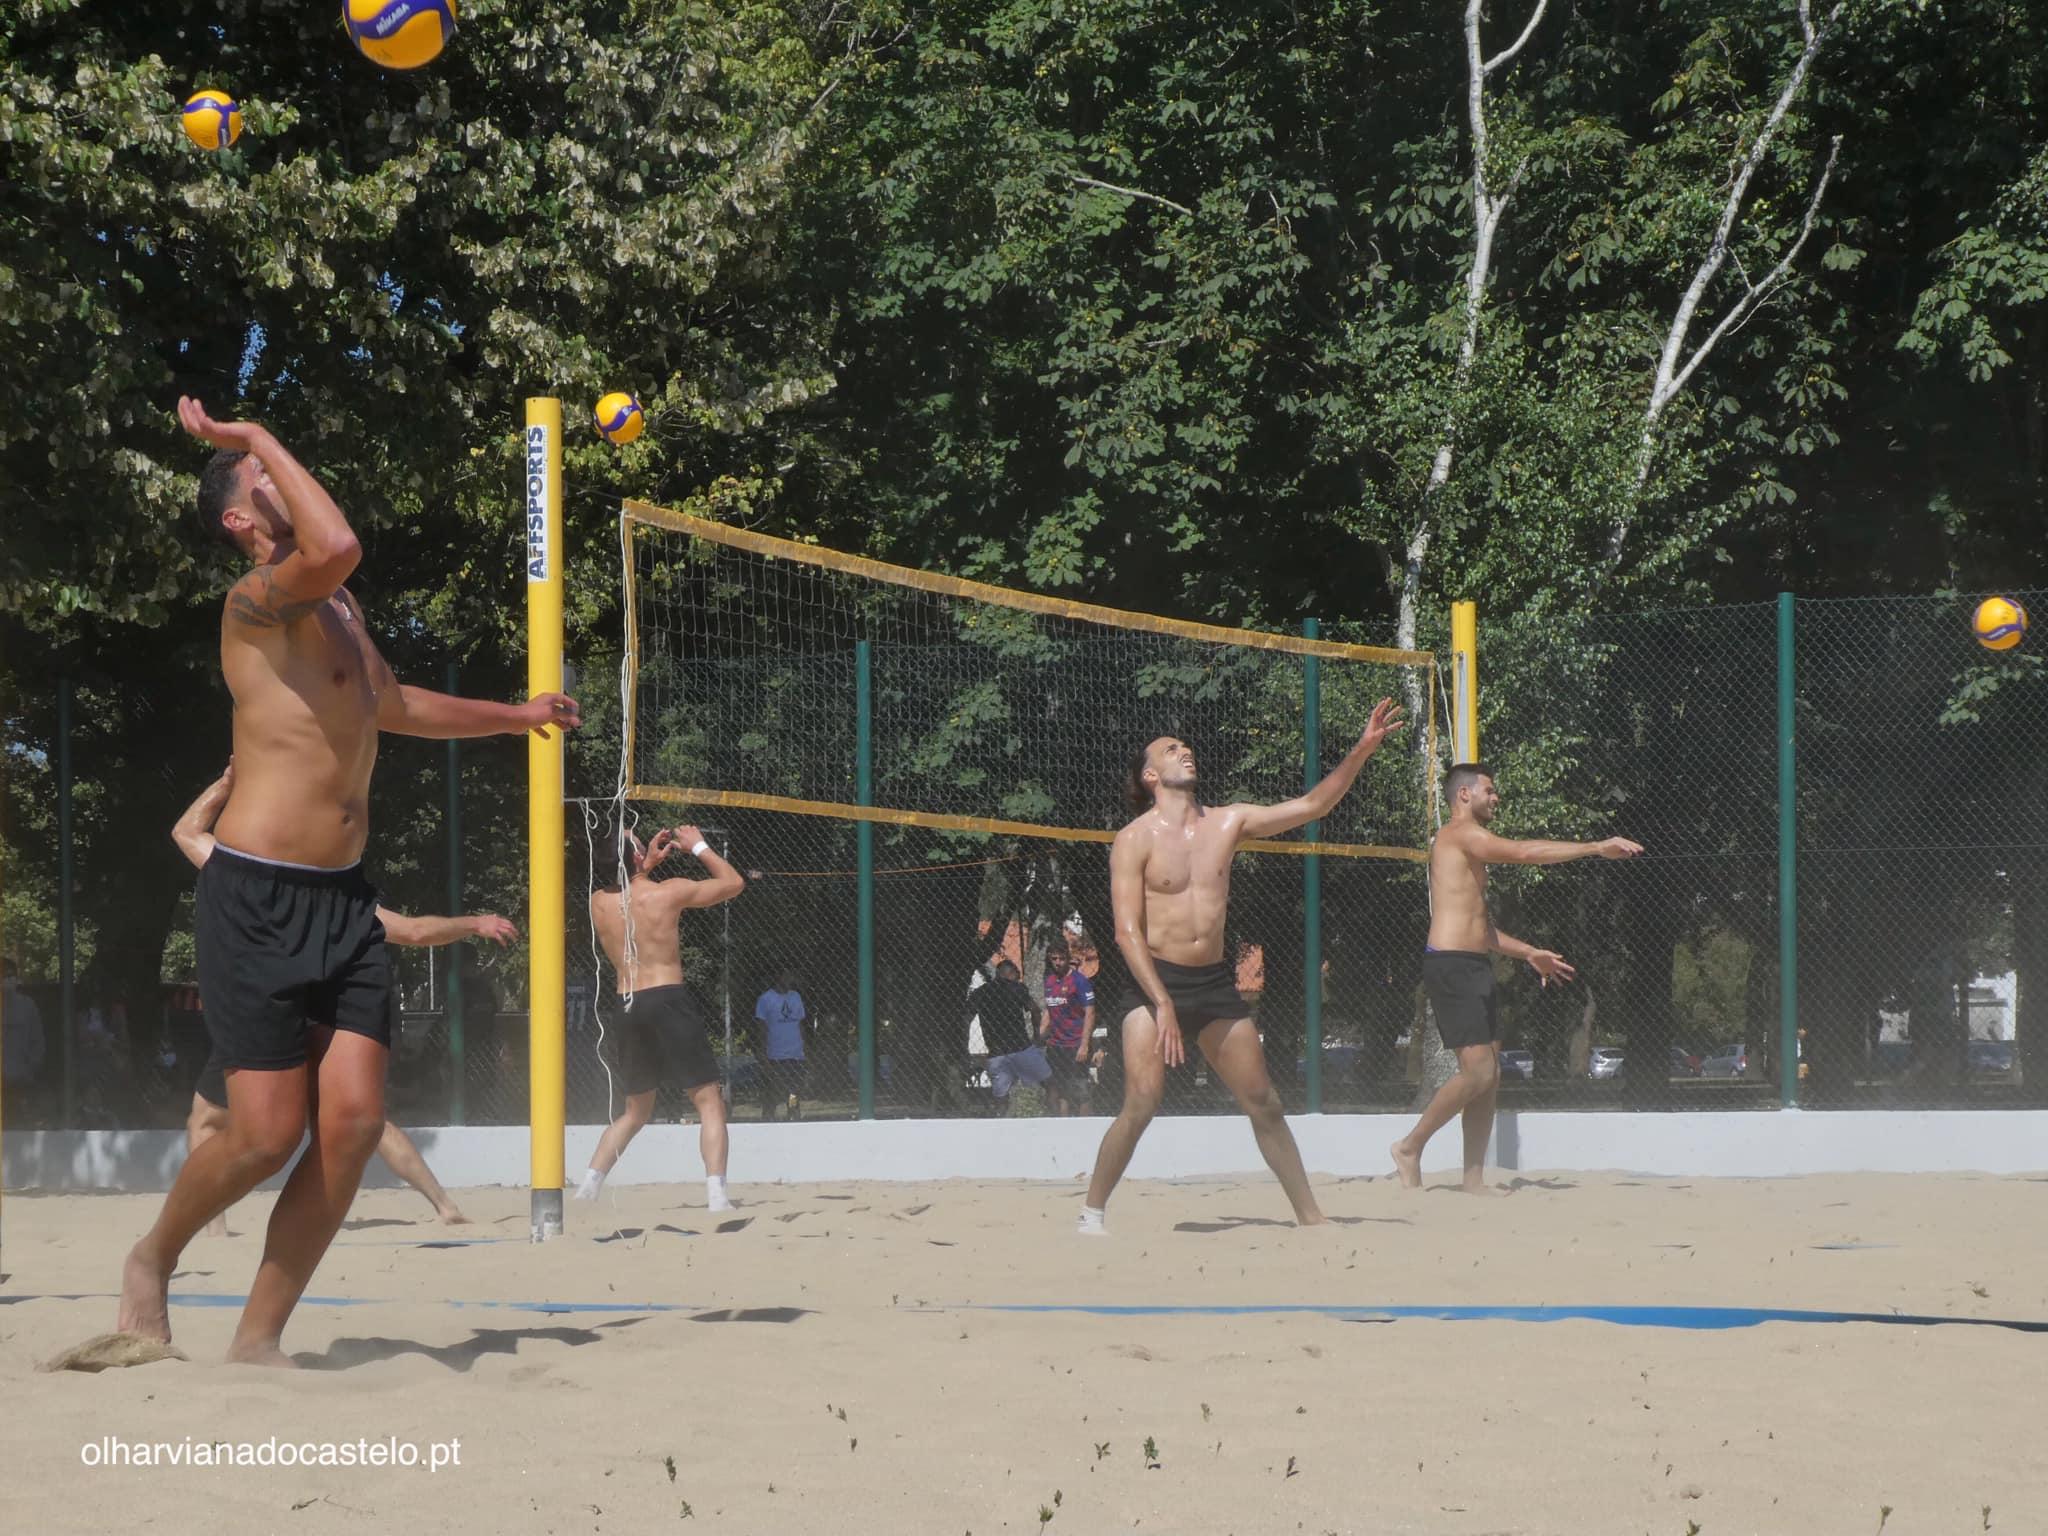 Viana já conta com um campo de voleibol de praia